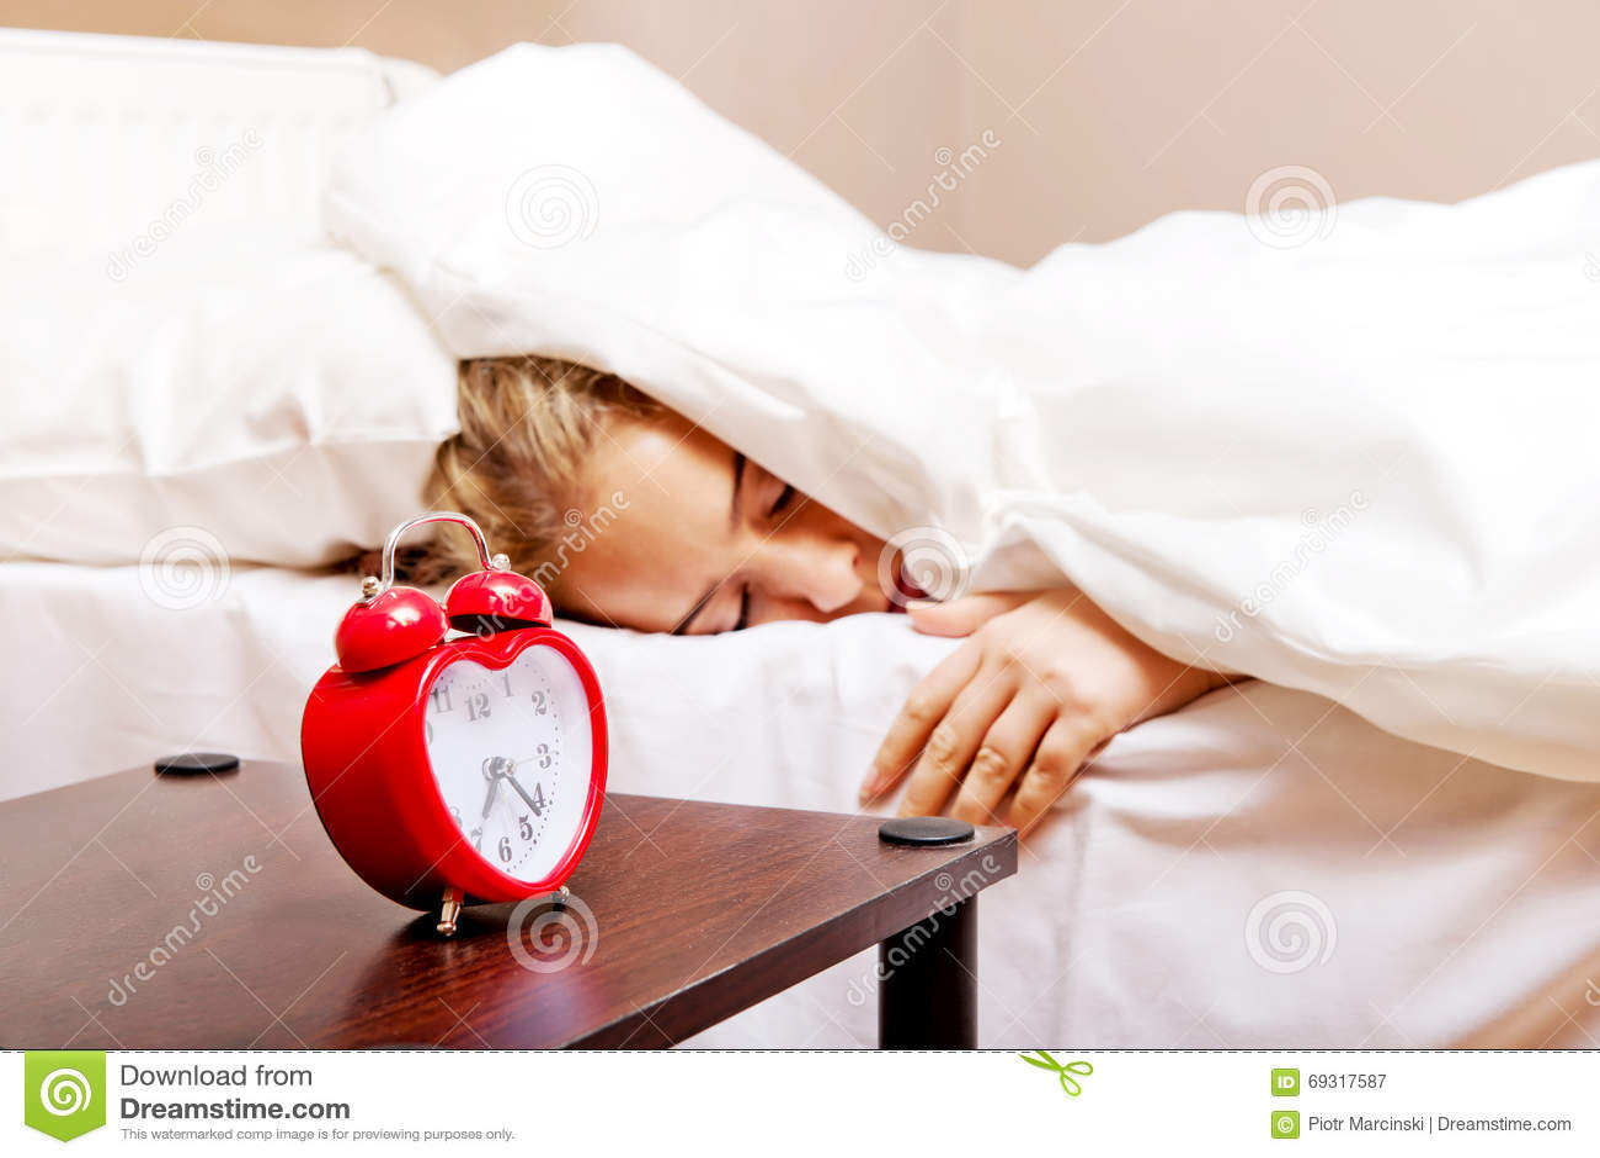 Junge Frau, Die Versucht Wenn Weckerklingeln Zu Schlafen